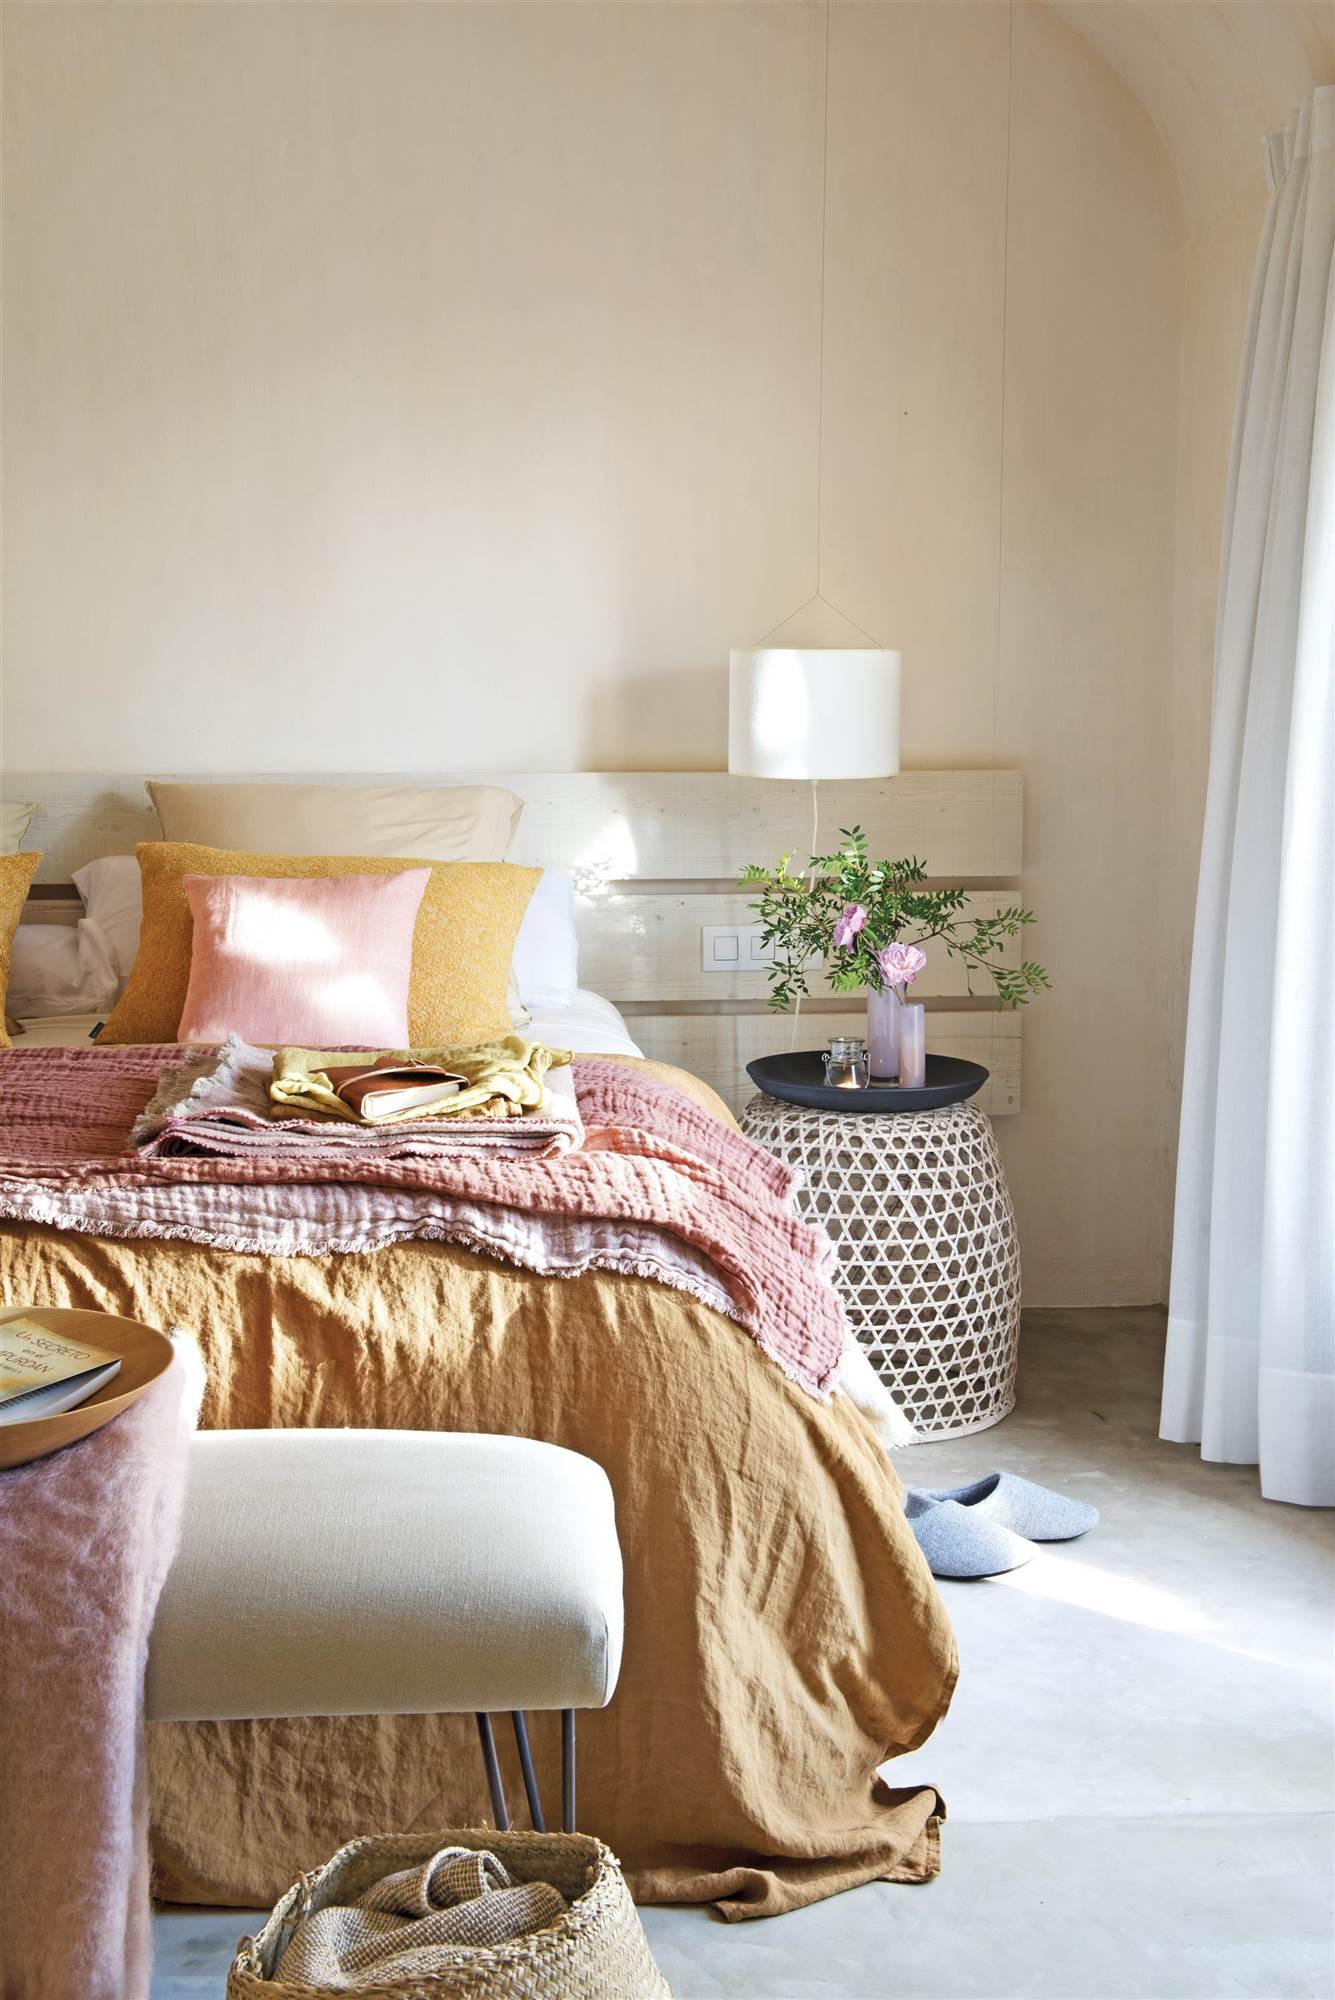 758 Fotos de Ropa de cama